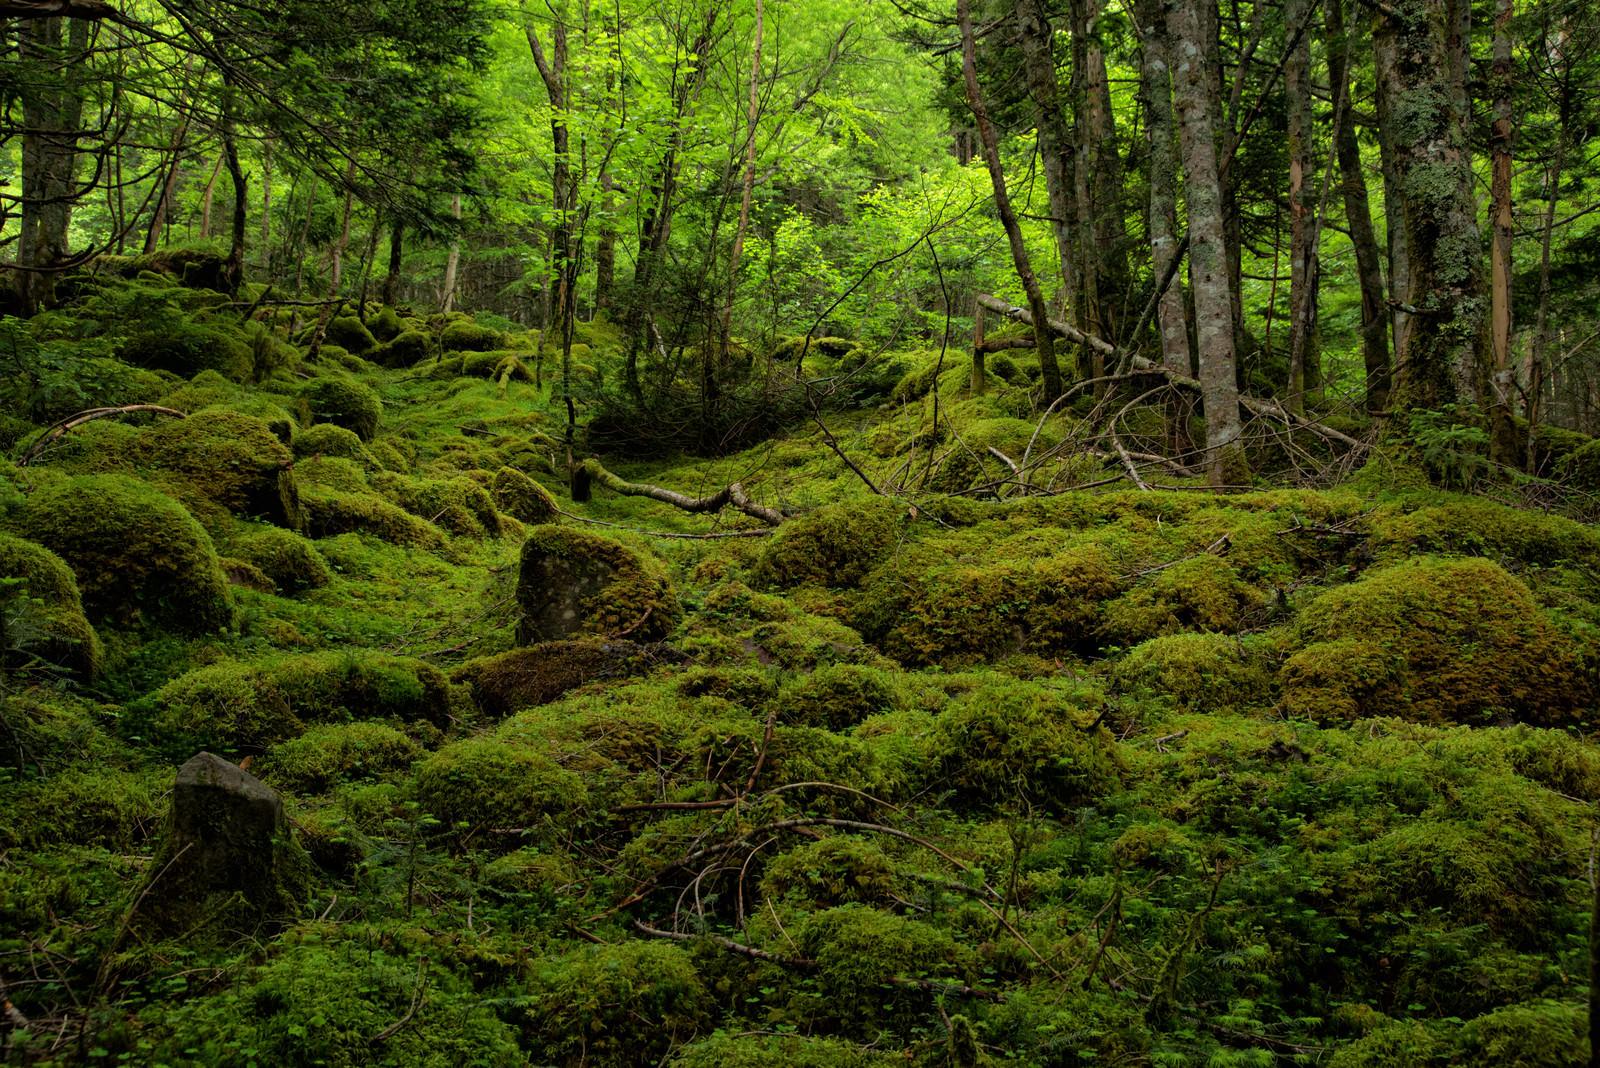 「苔の絨毯で覆われる八ヶ岳(八ヶ岳連峰)」の写真